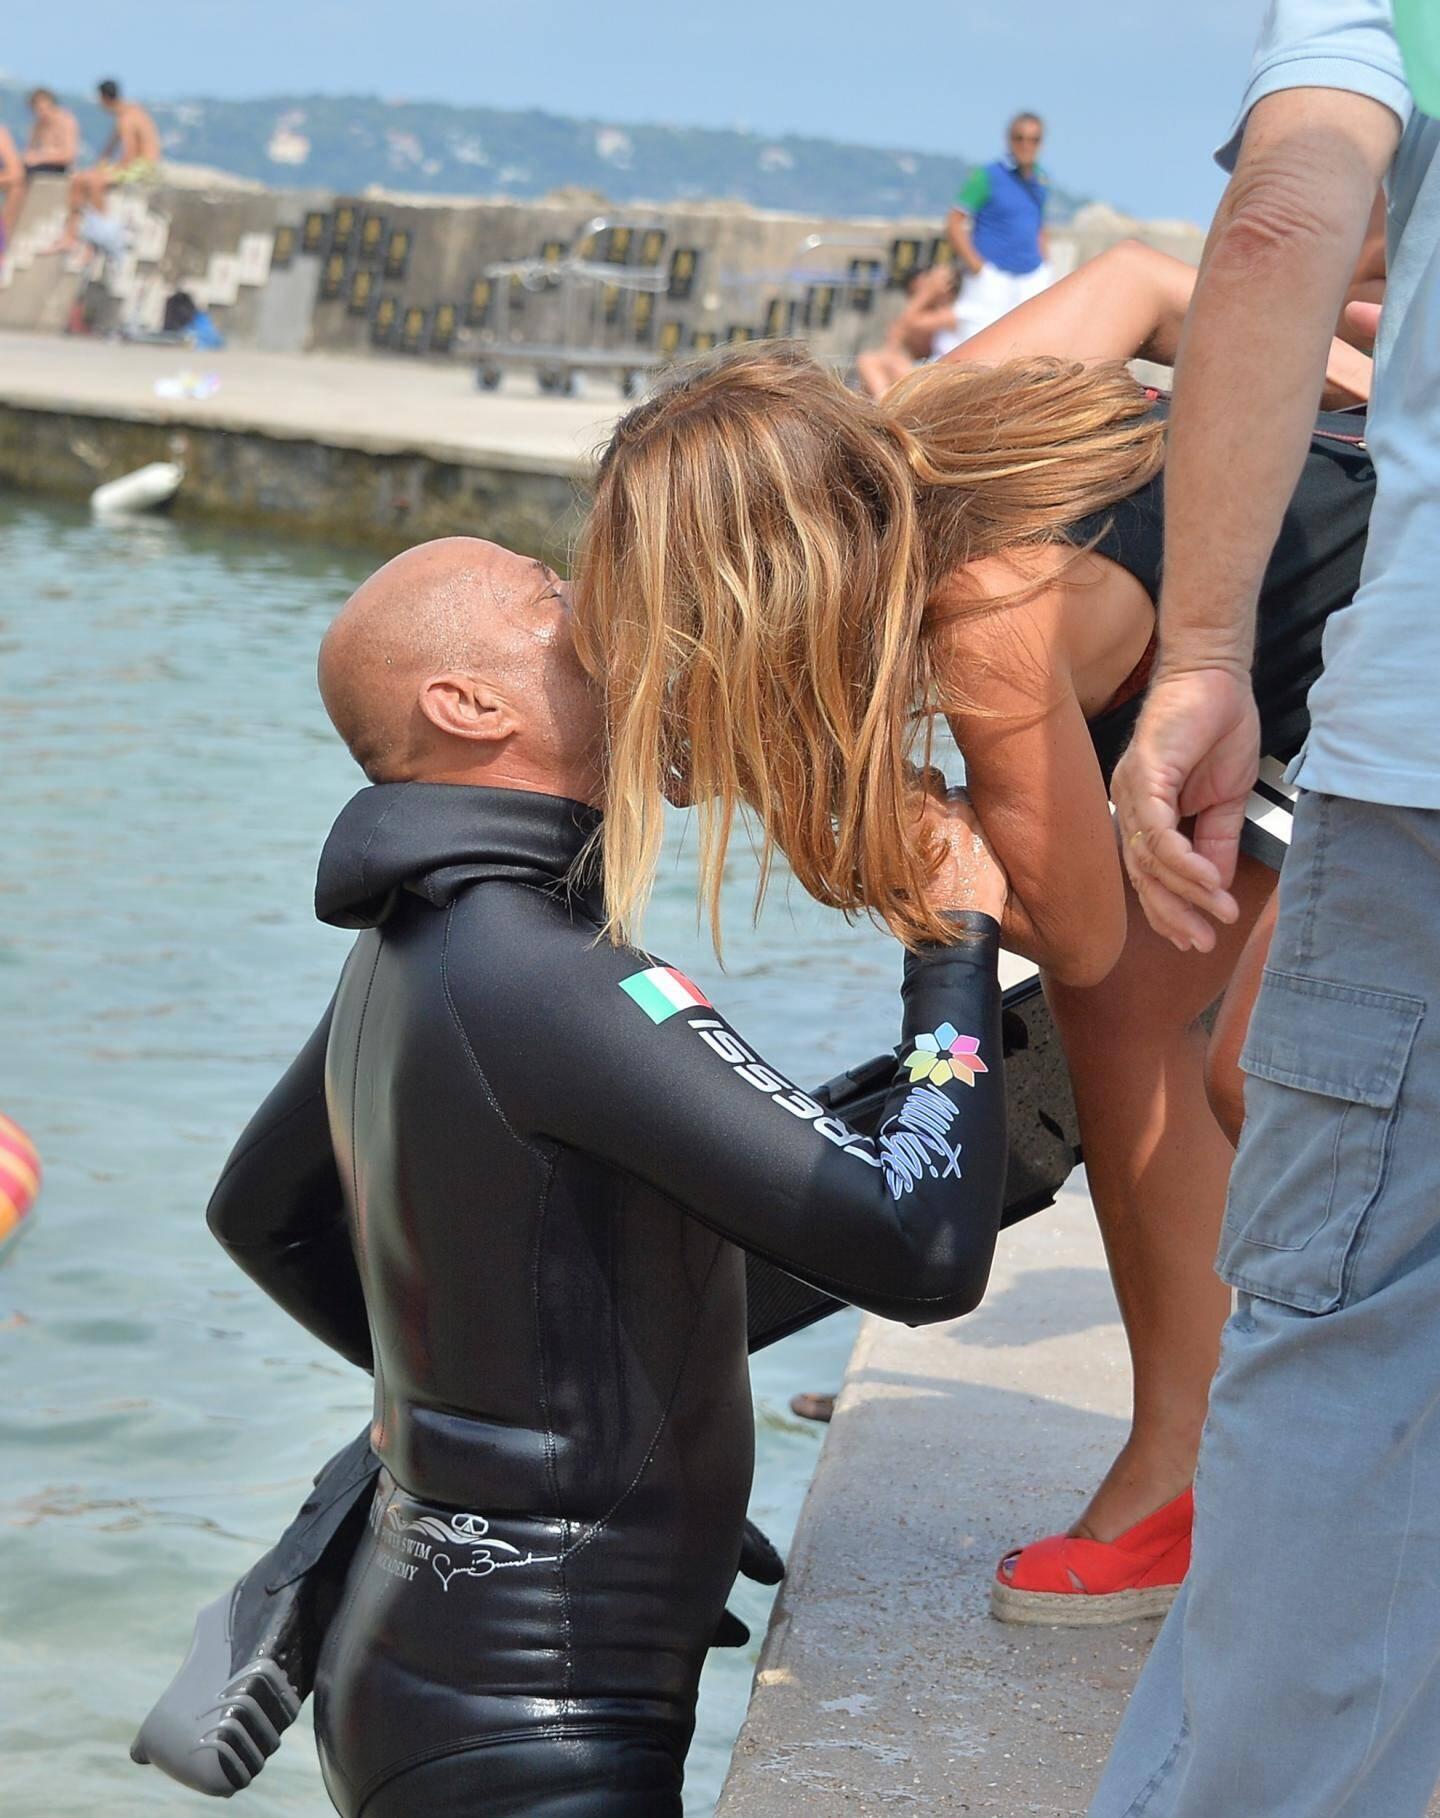 Habitué des exploits maritimes, le gaillard de 61 ans a traversé en trois jours 55 kilomètres à la nage par amour du challenge.